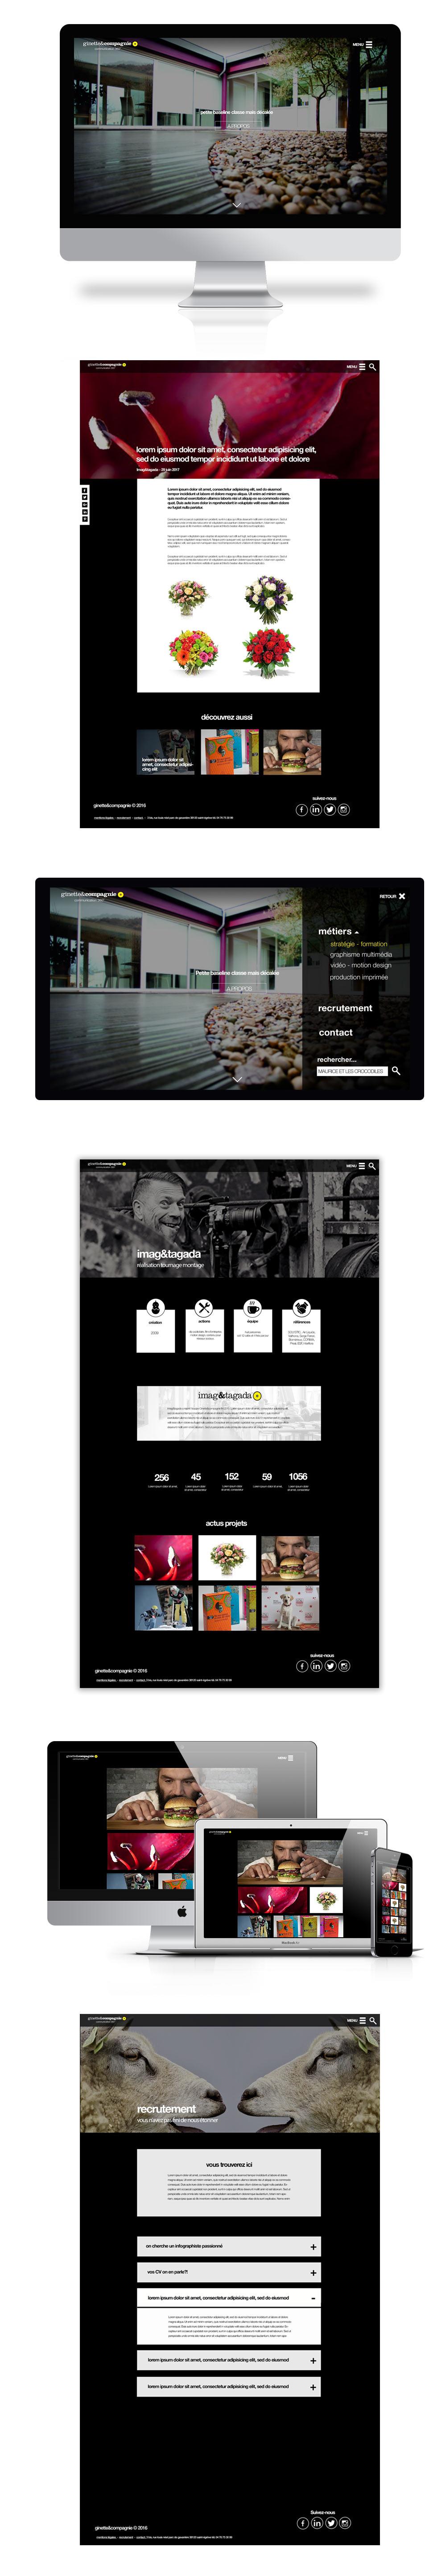 Présentation de la maquette du site pour l'agence ginette par Diane Gaillard